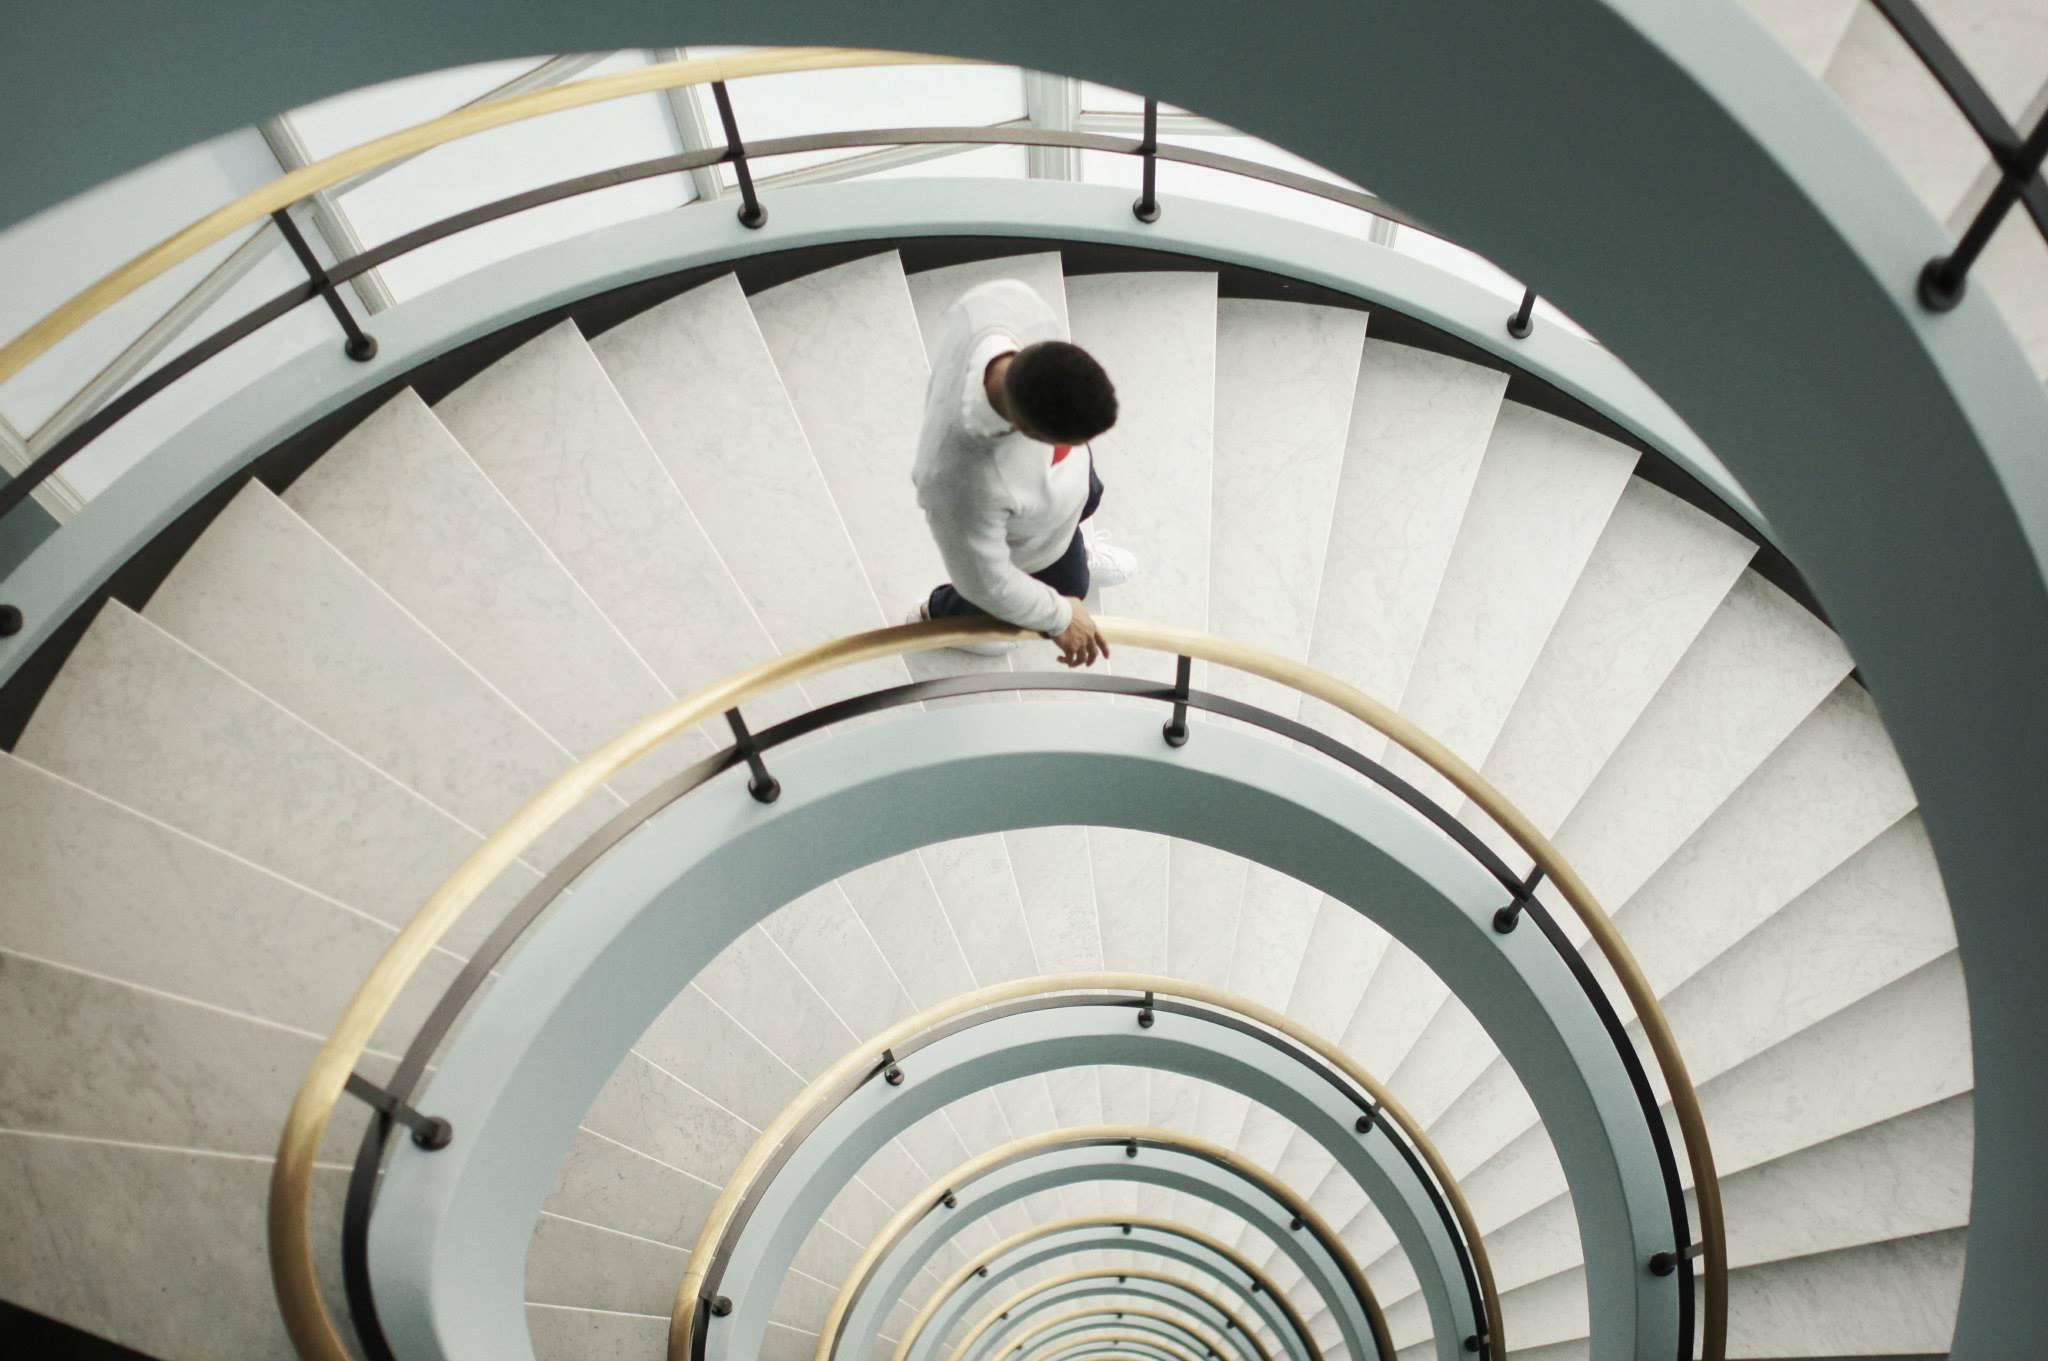 EverydayFresh Arternative FW14 Lookbook Round Stairs